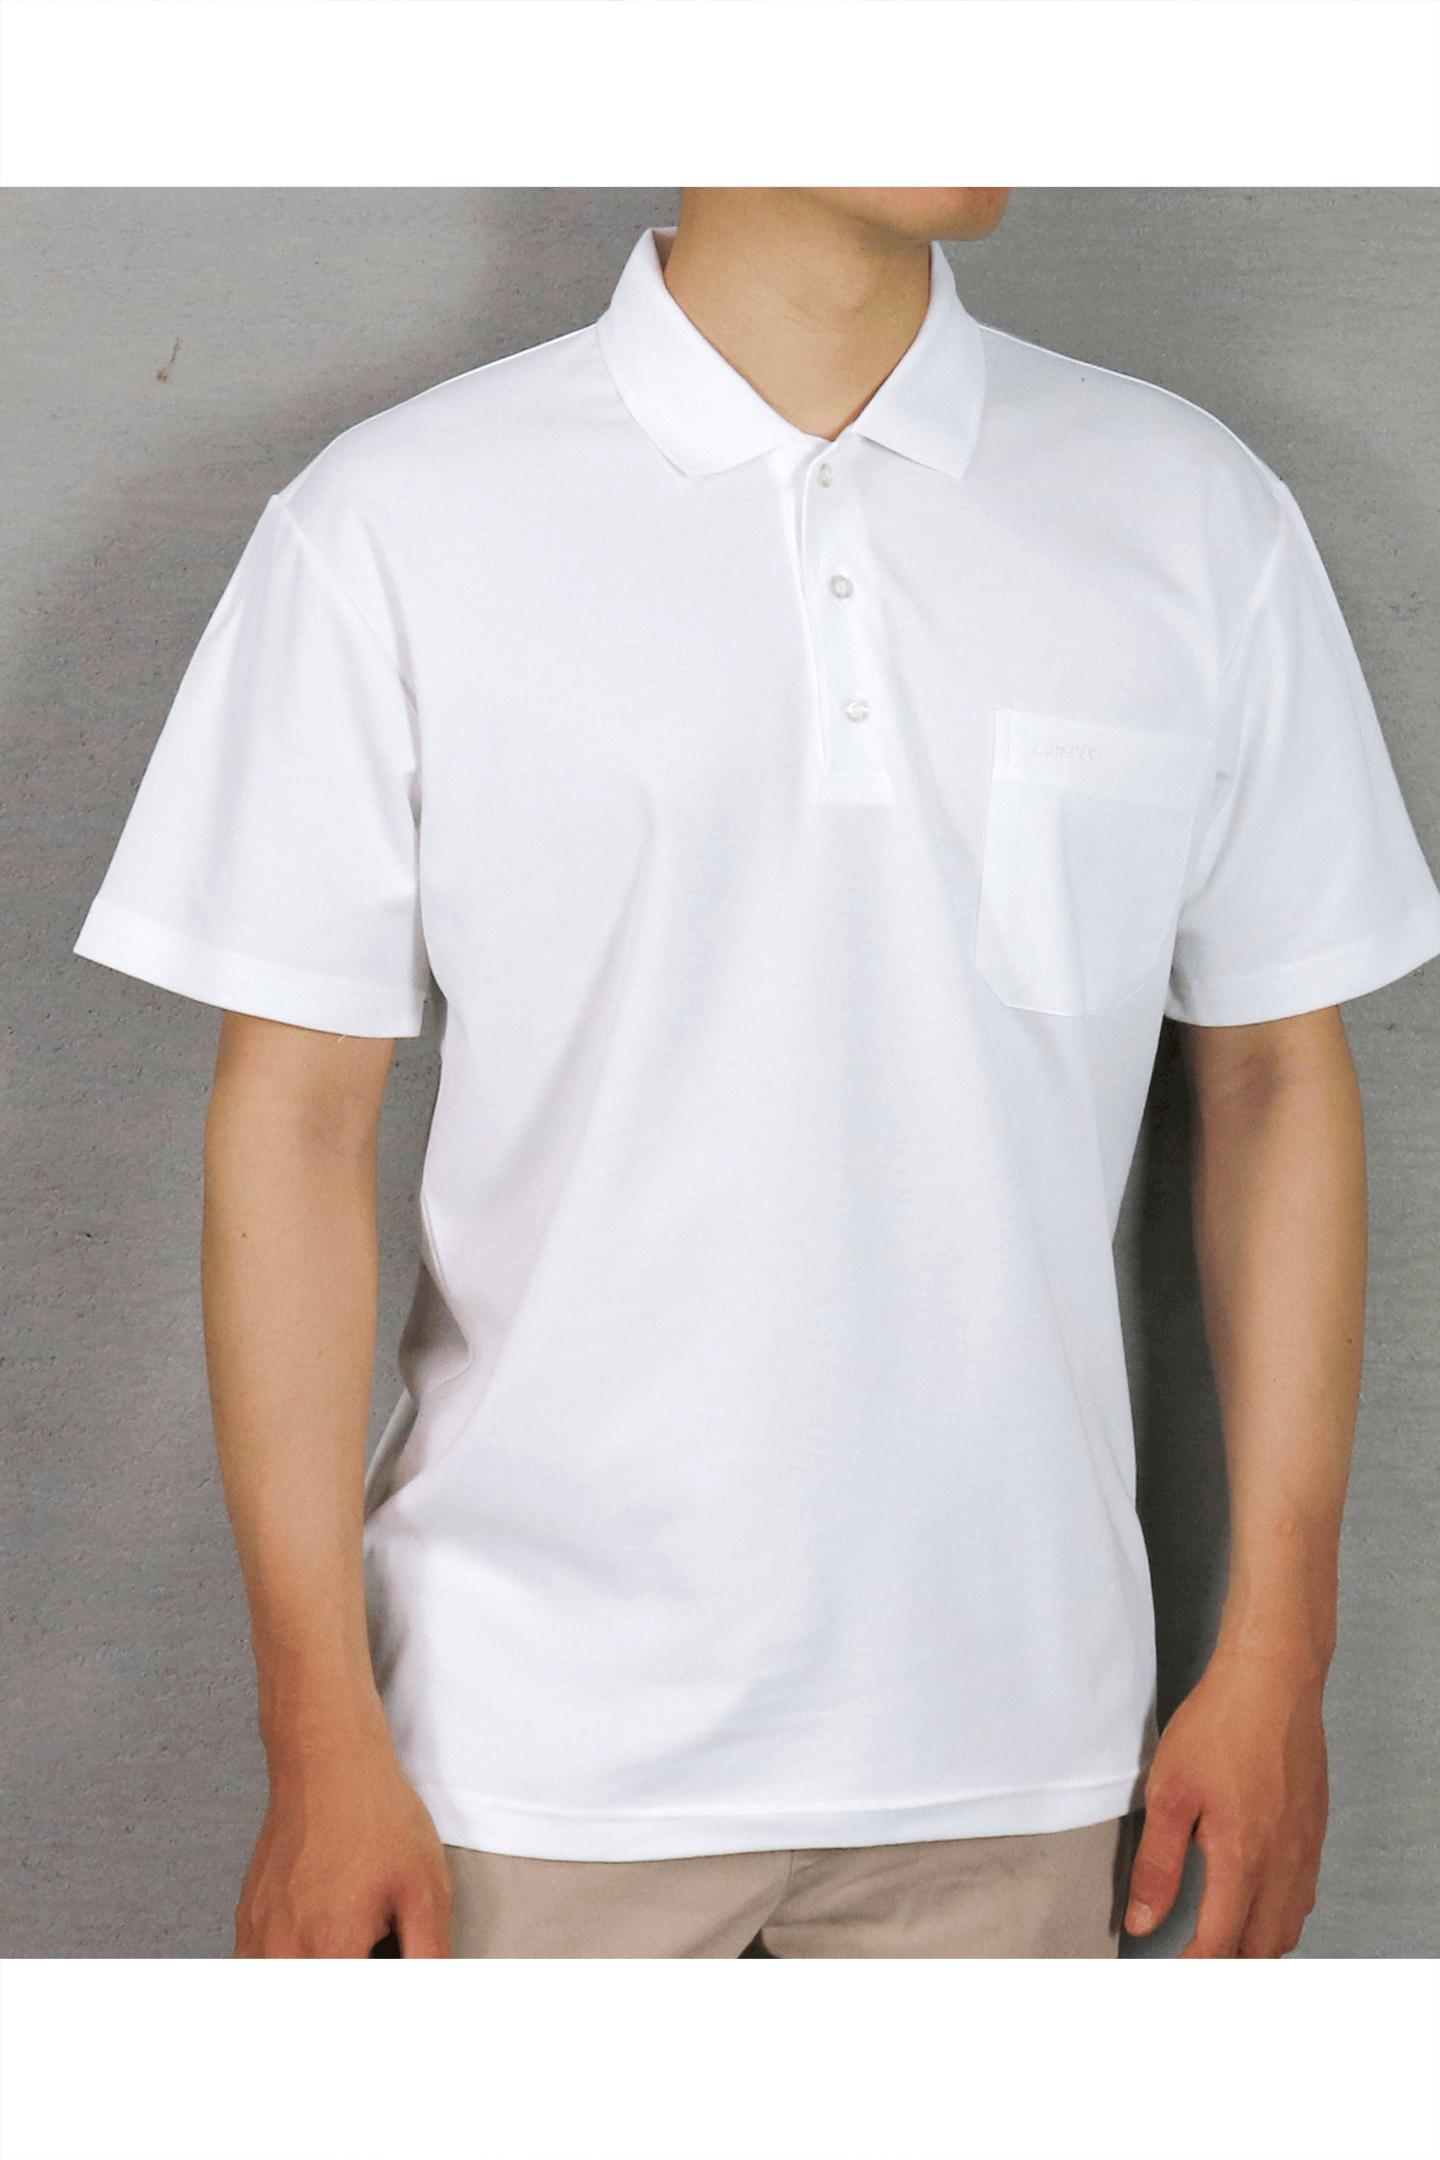 白素面短袖POLO衫/吸濕排汗 速乾